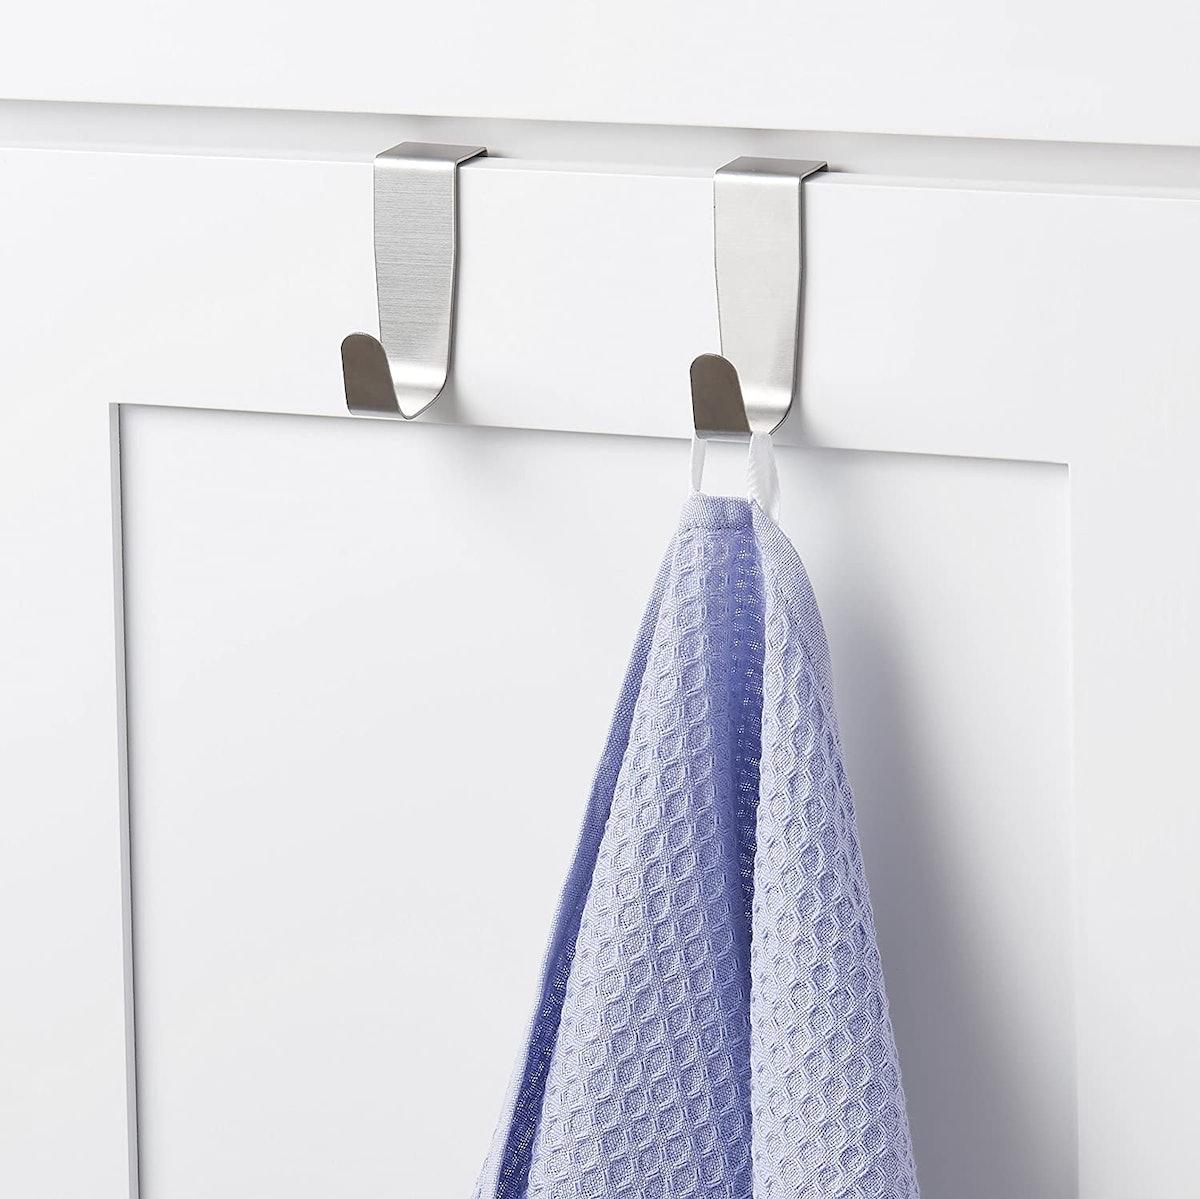 YouCopia Over the Cabinet Door Hooks (Set of 2)